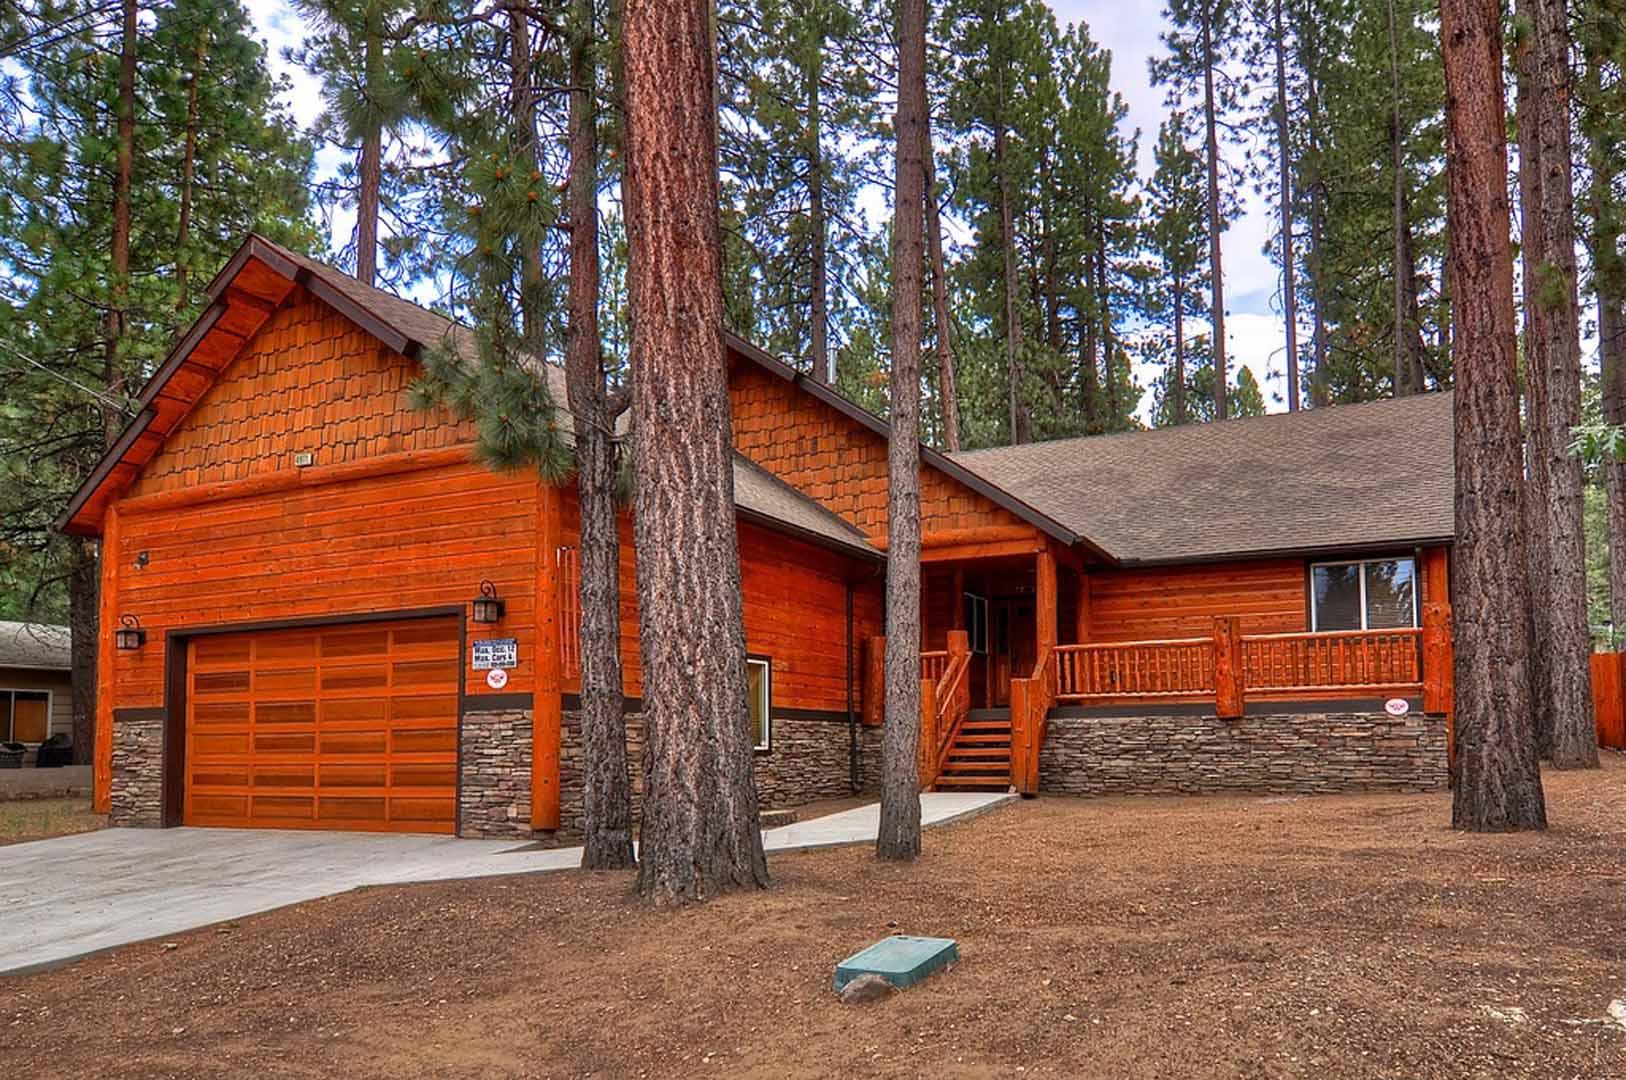 No 21 Tamarack Lodge Five Star Vacation Rentals